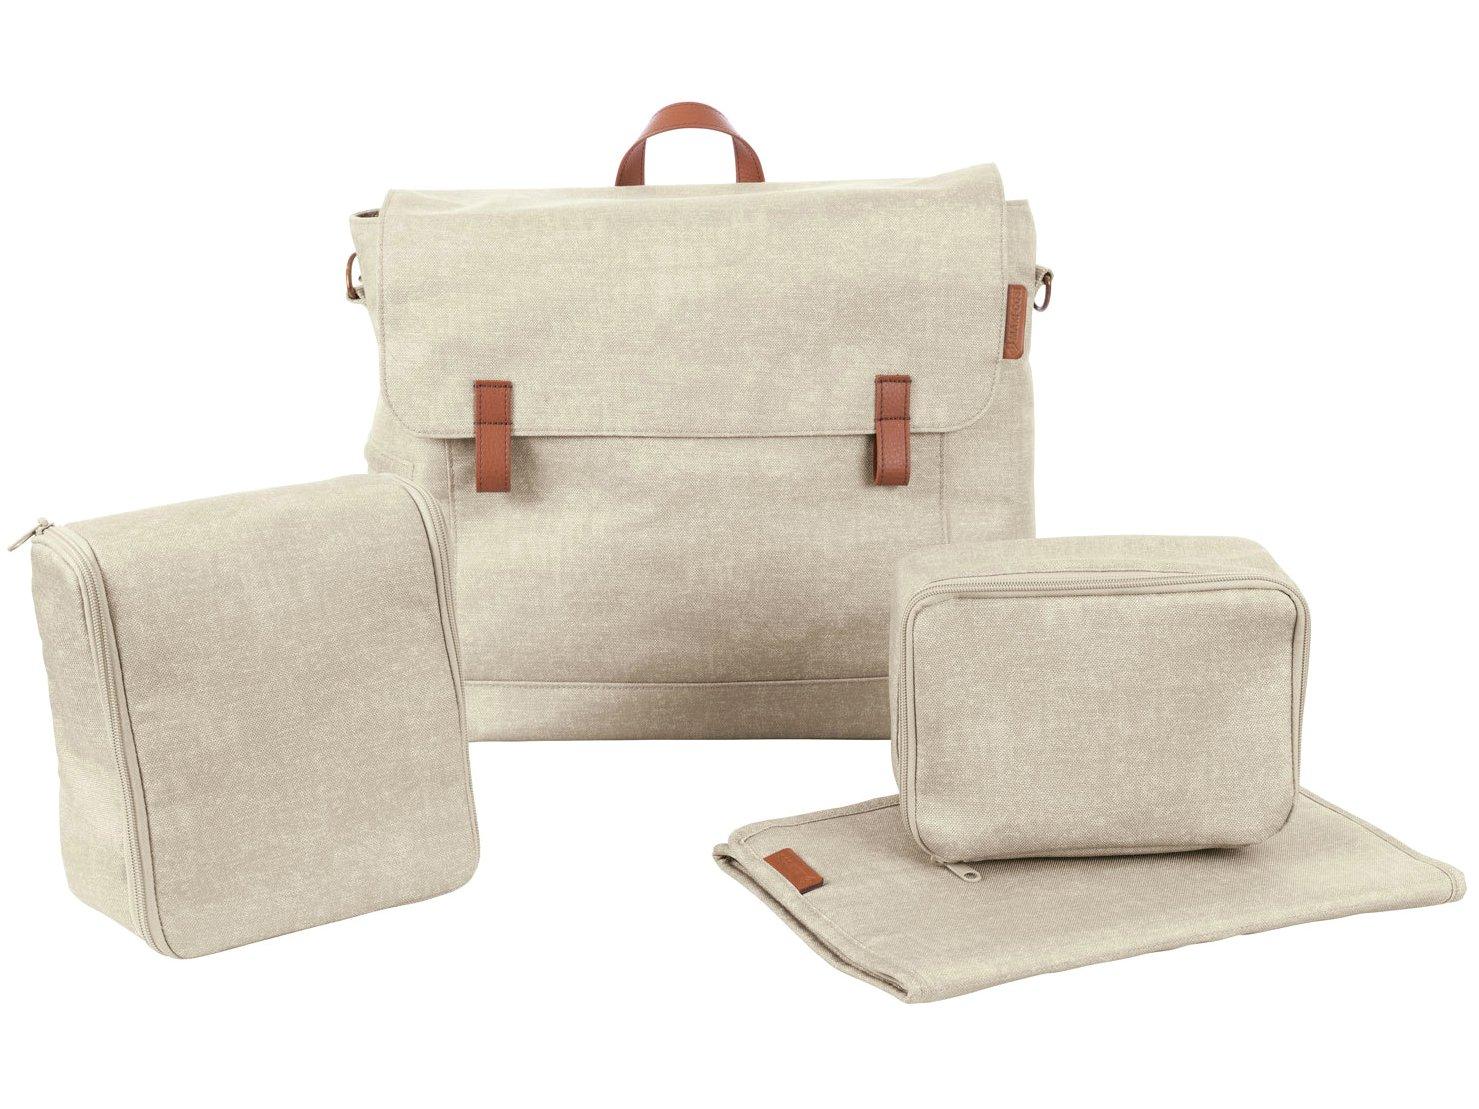 Bolsa de Bebê Unissex Média Maxi-Cosi - Modern Bag com Trocador